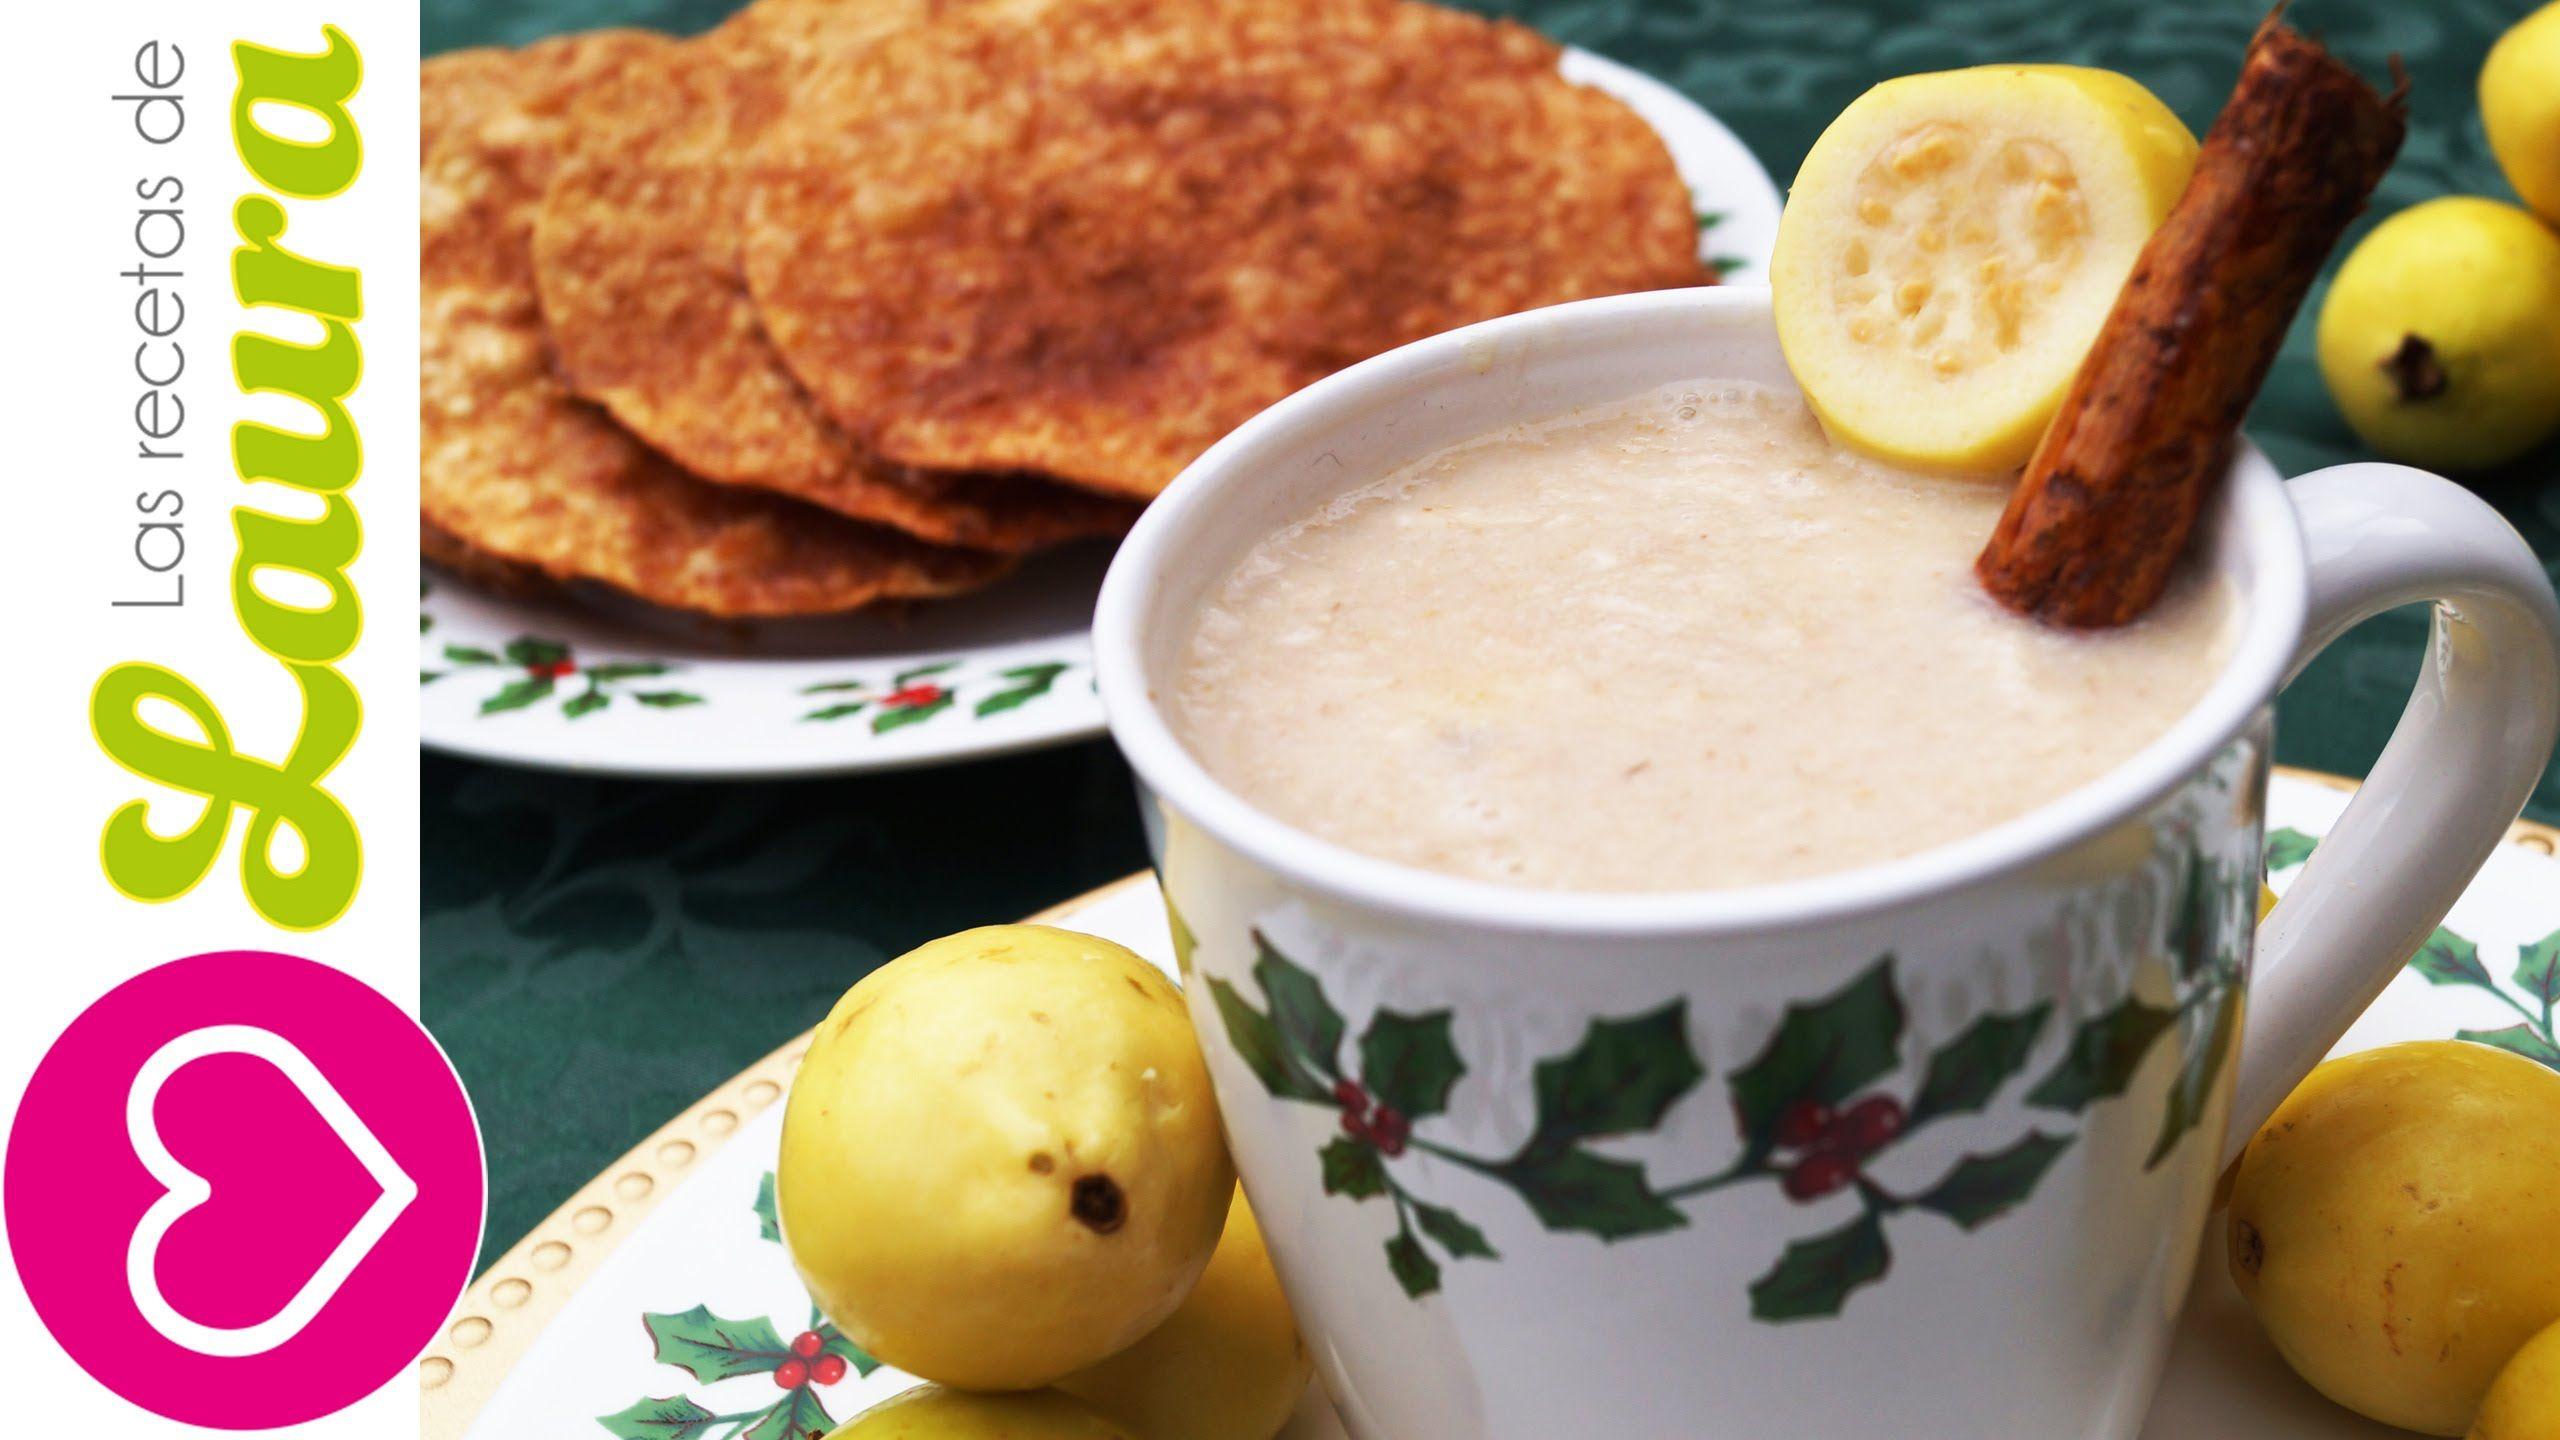 Como hacer atole de avena con guayaba comida saludable for Cocinar comida sana